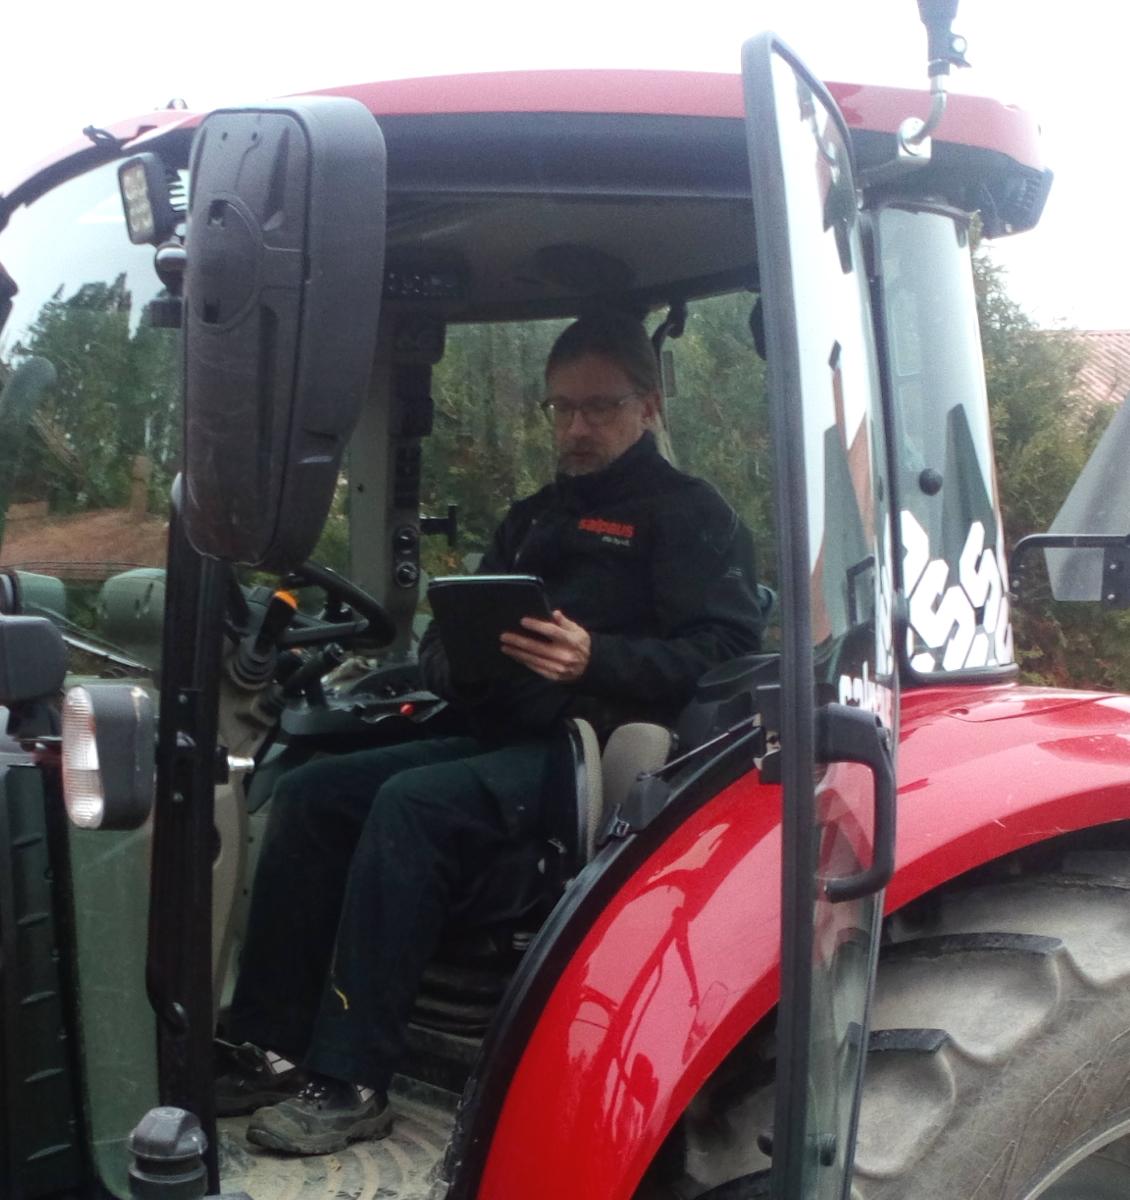 mies istuu traktorissa ja selailee tablettia.